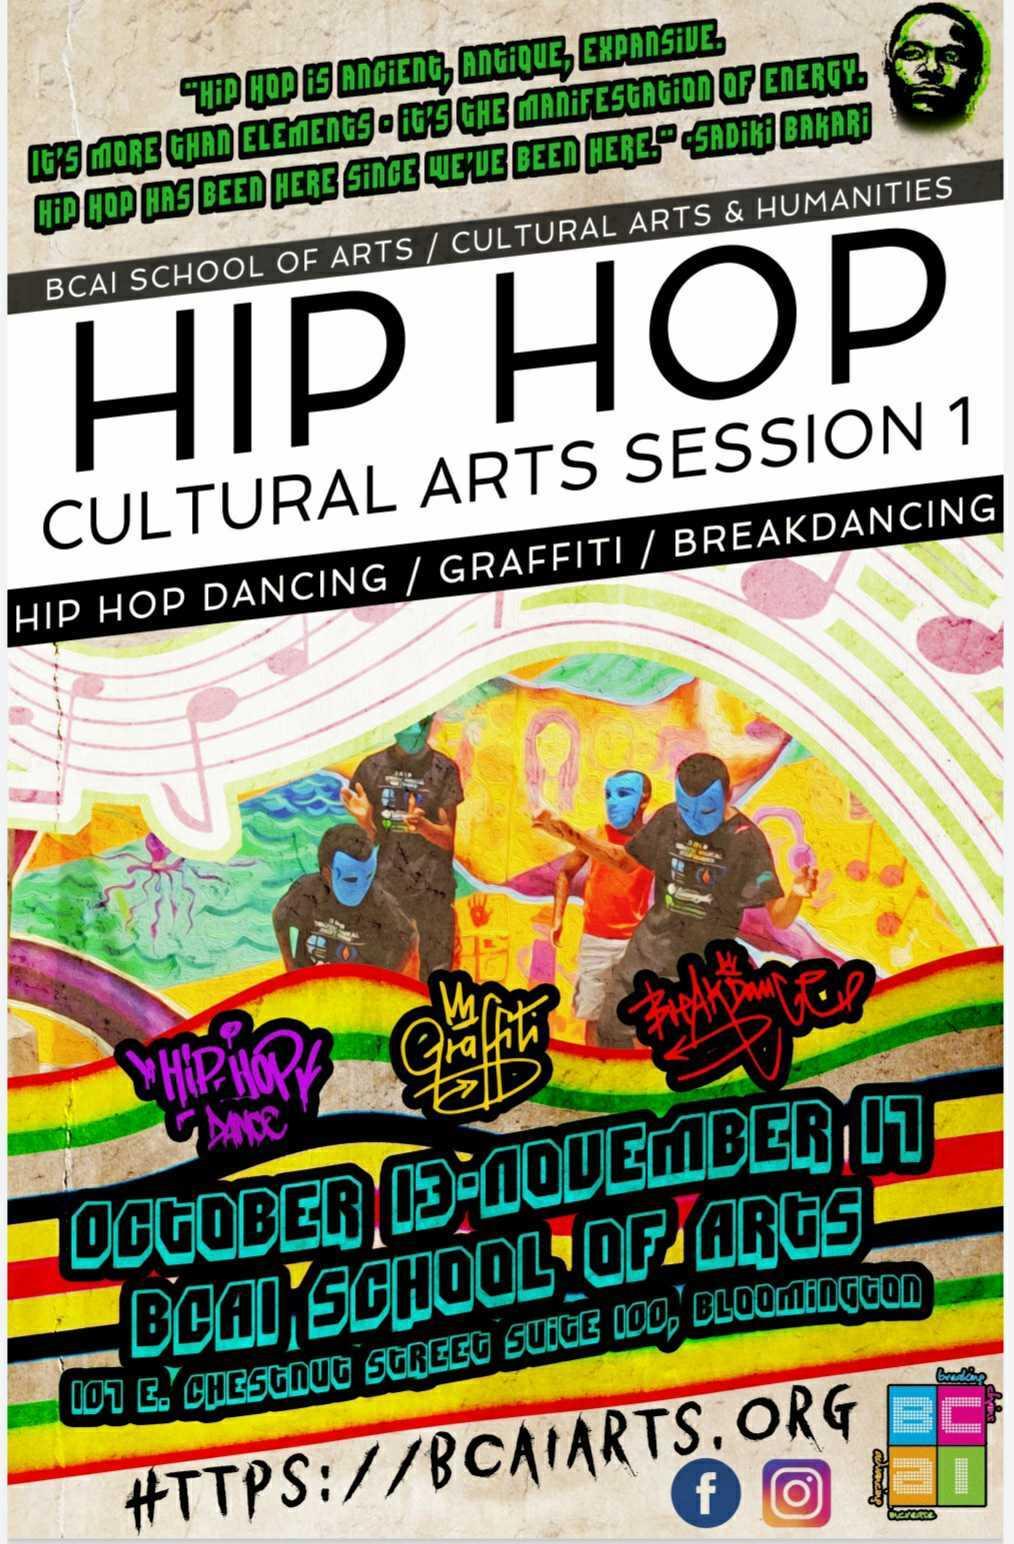 flyer for hip hop cultural arts session at bcai